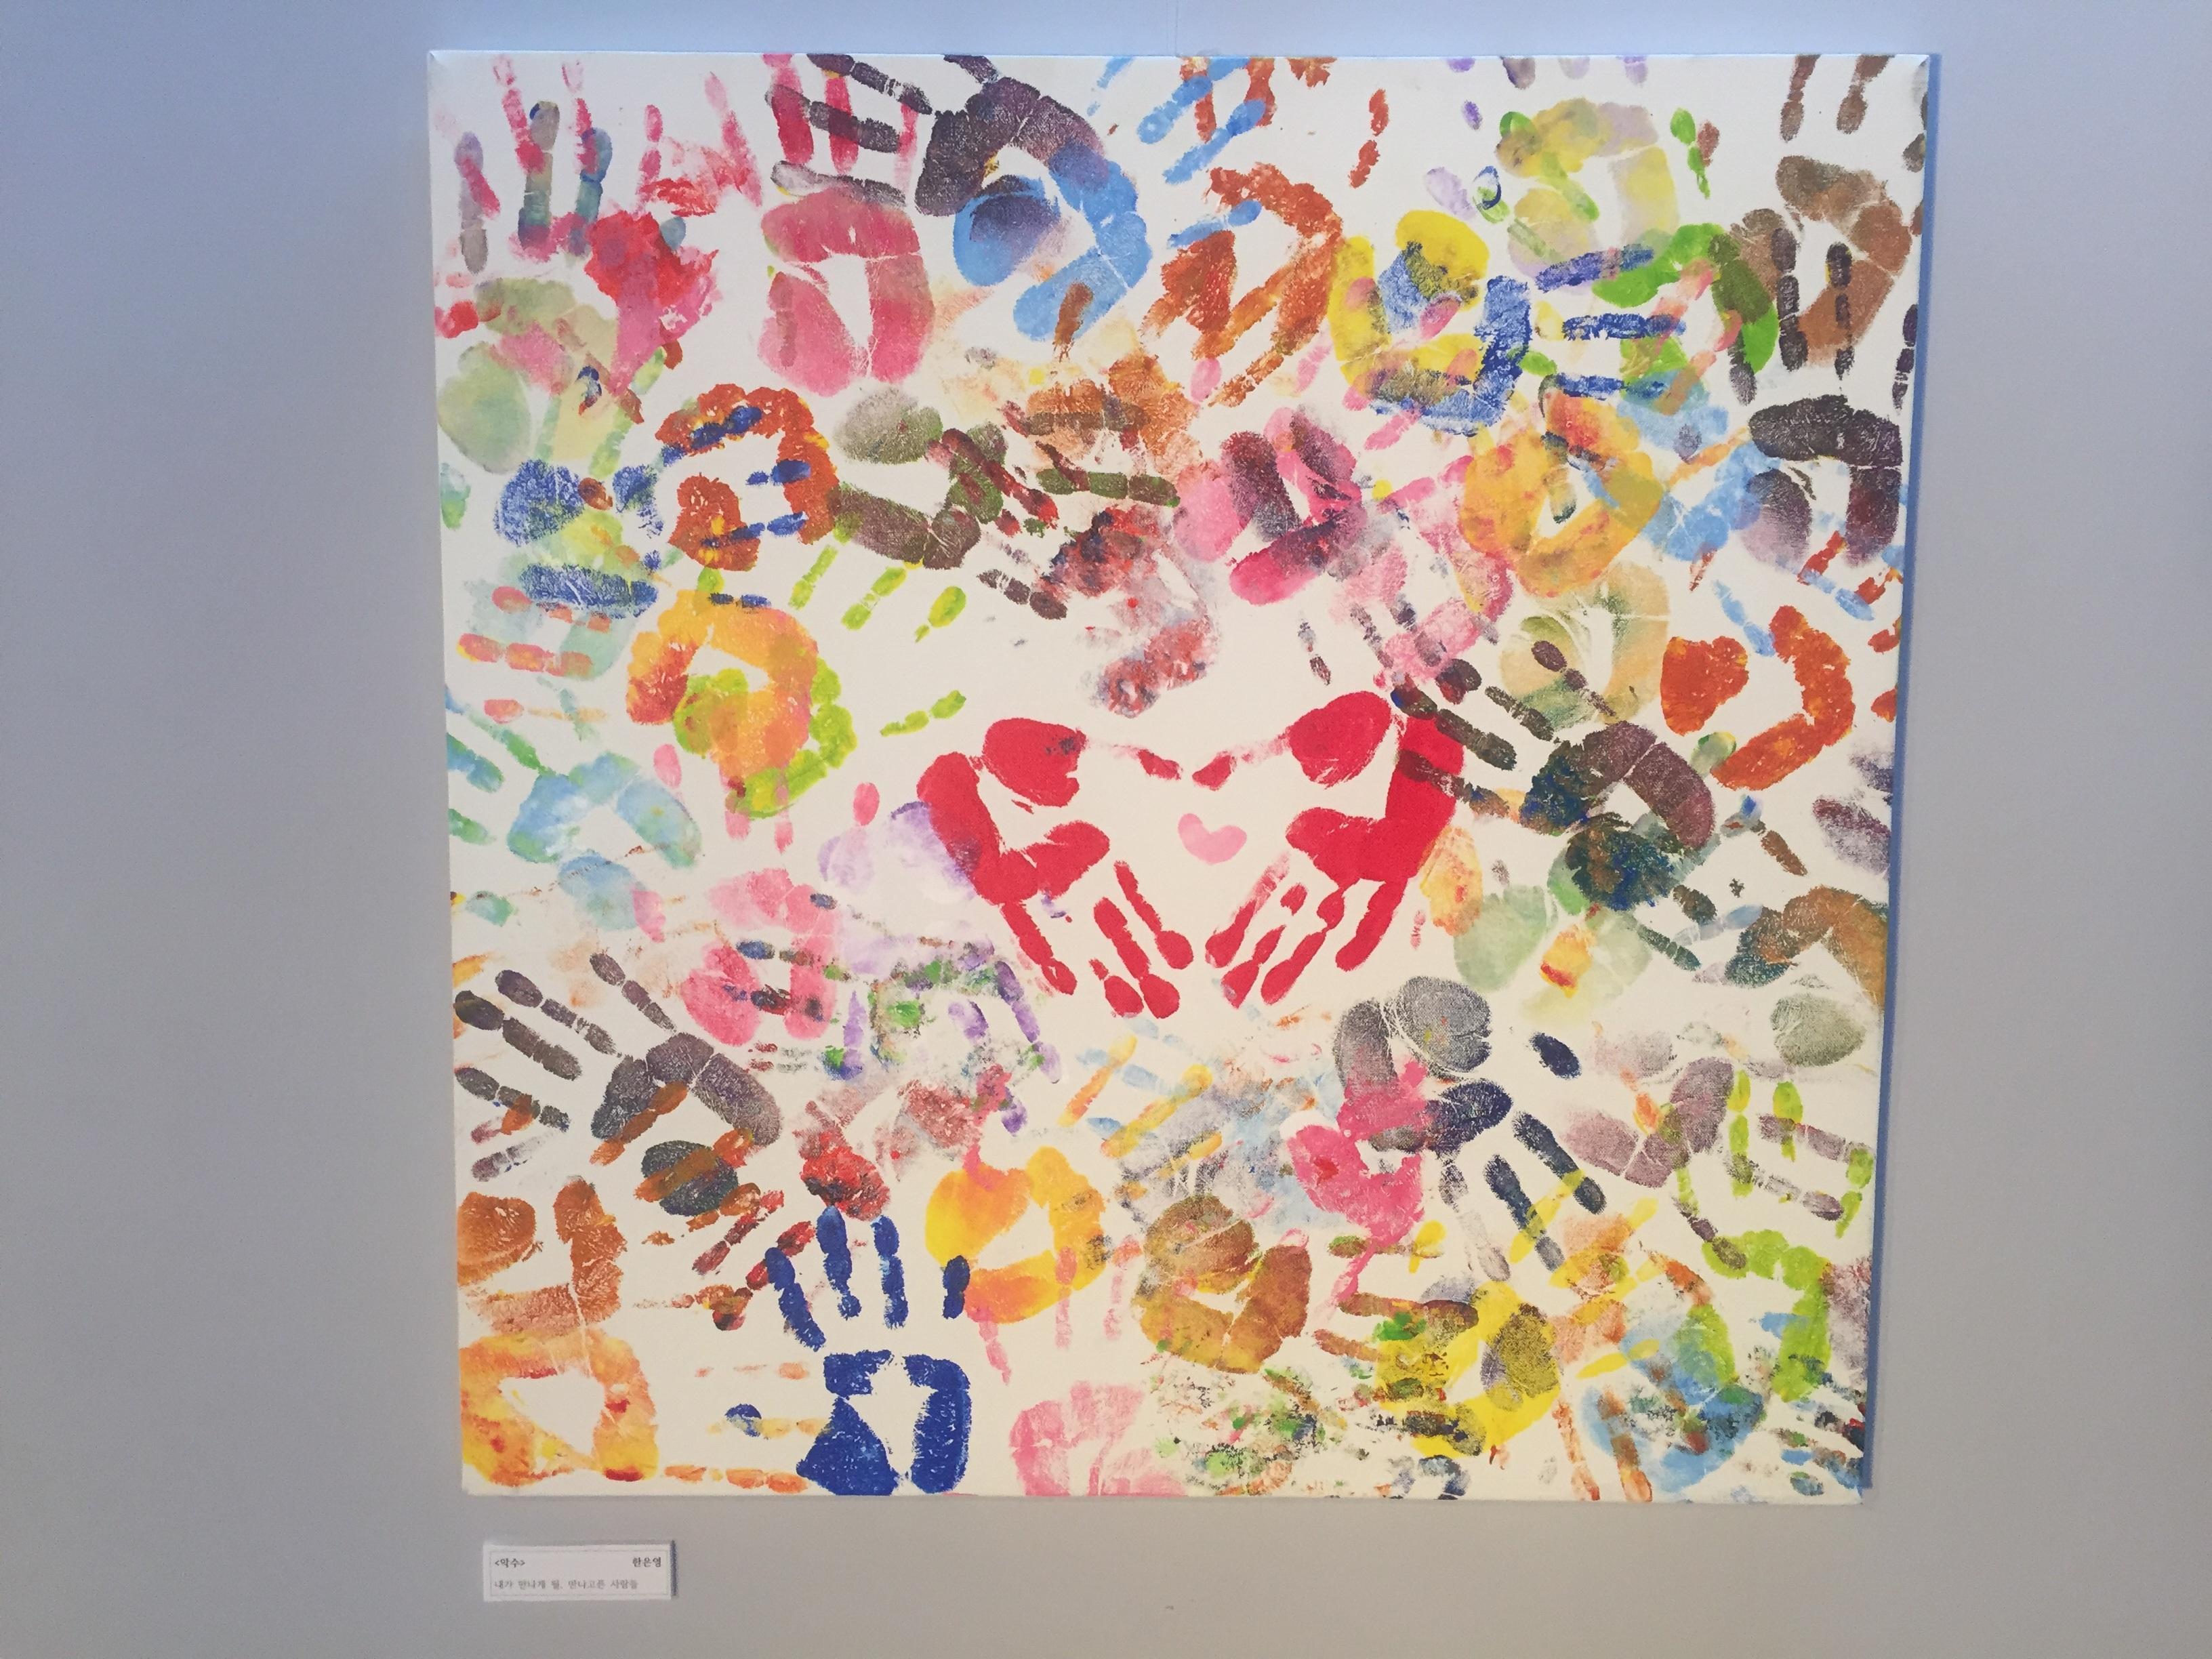 Gambar Mencetak Lukisan Warna Angka Gambar Ilustrasi